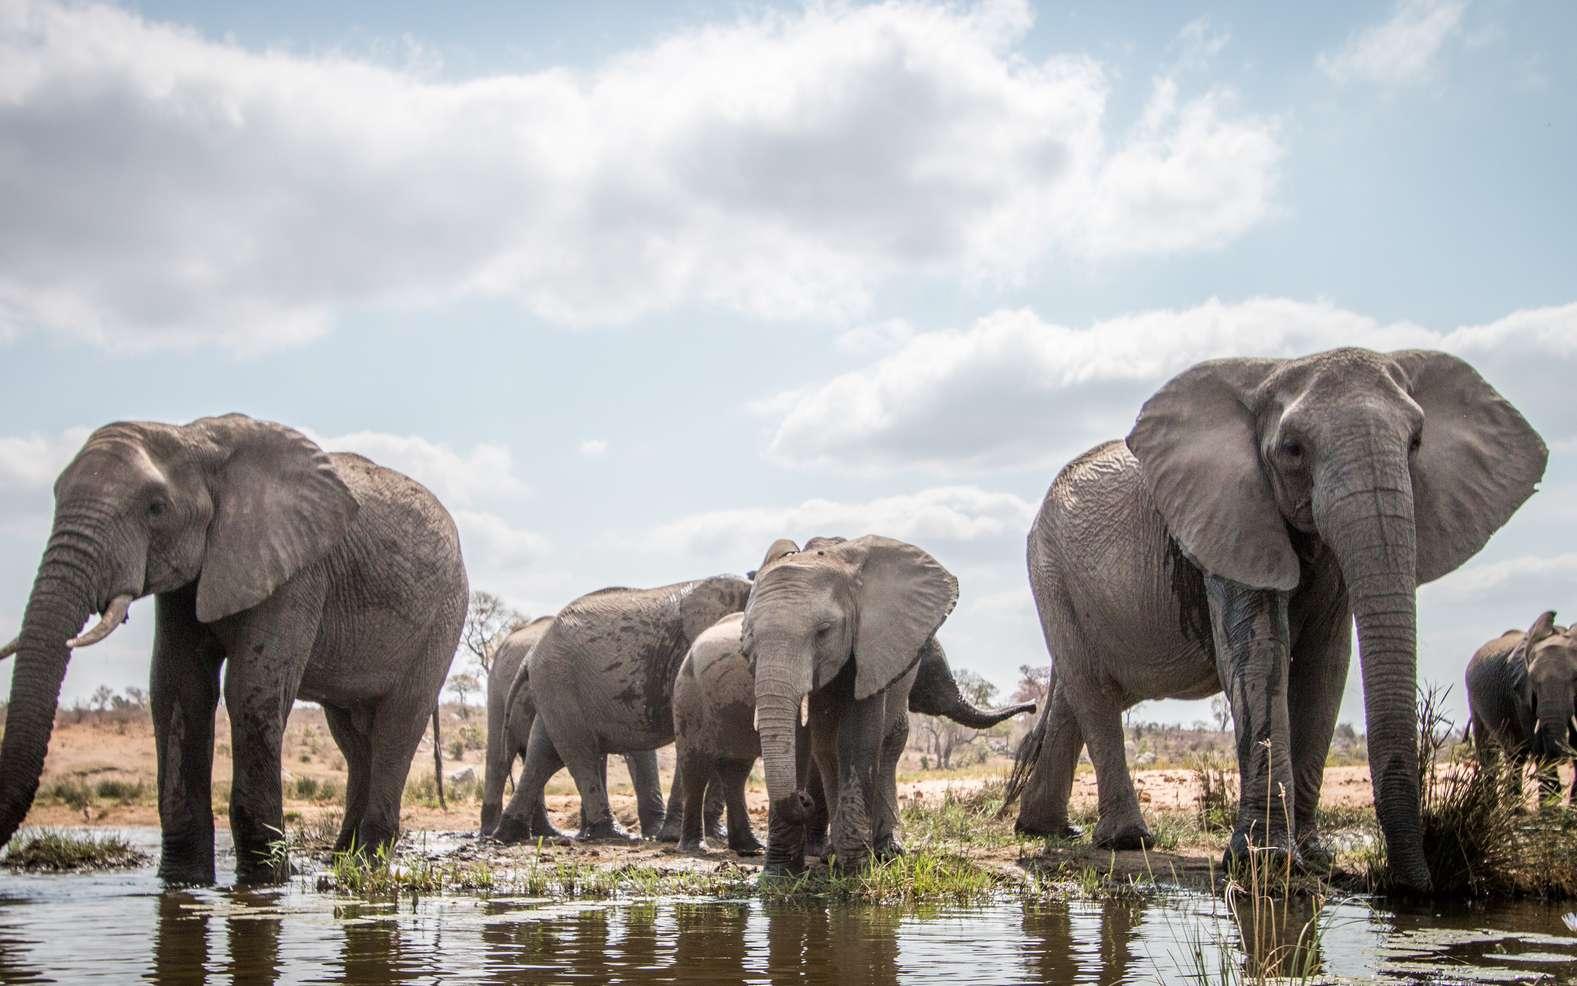 Animaux sociaux, les éléphants communiquent beaucoup entre eux, et de multiples manières. © Simoneemanphoto, Fotolia